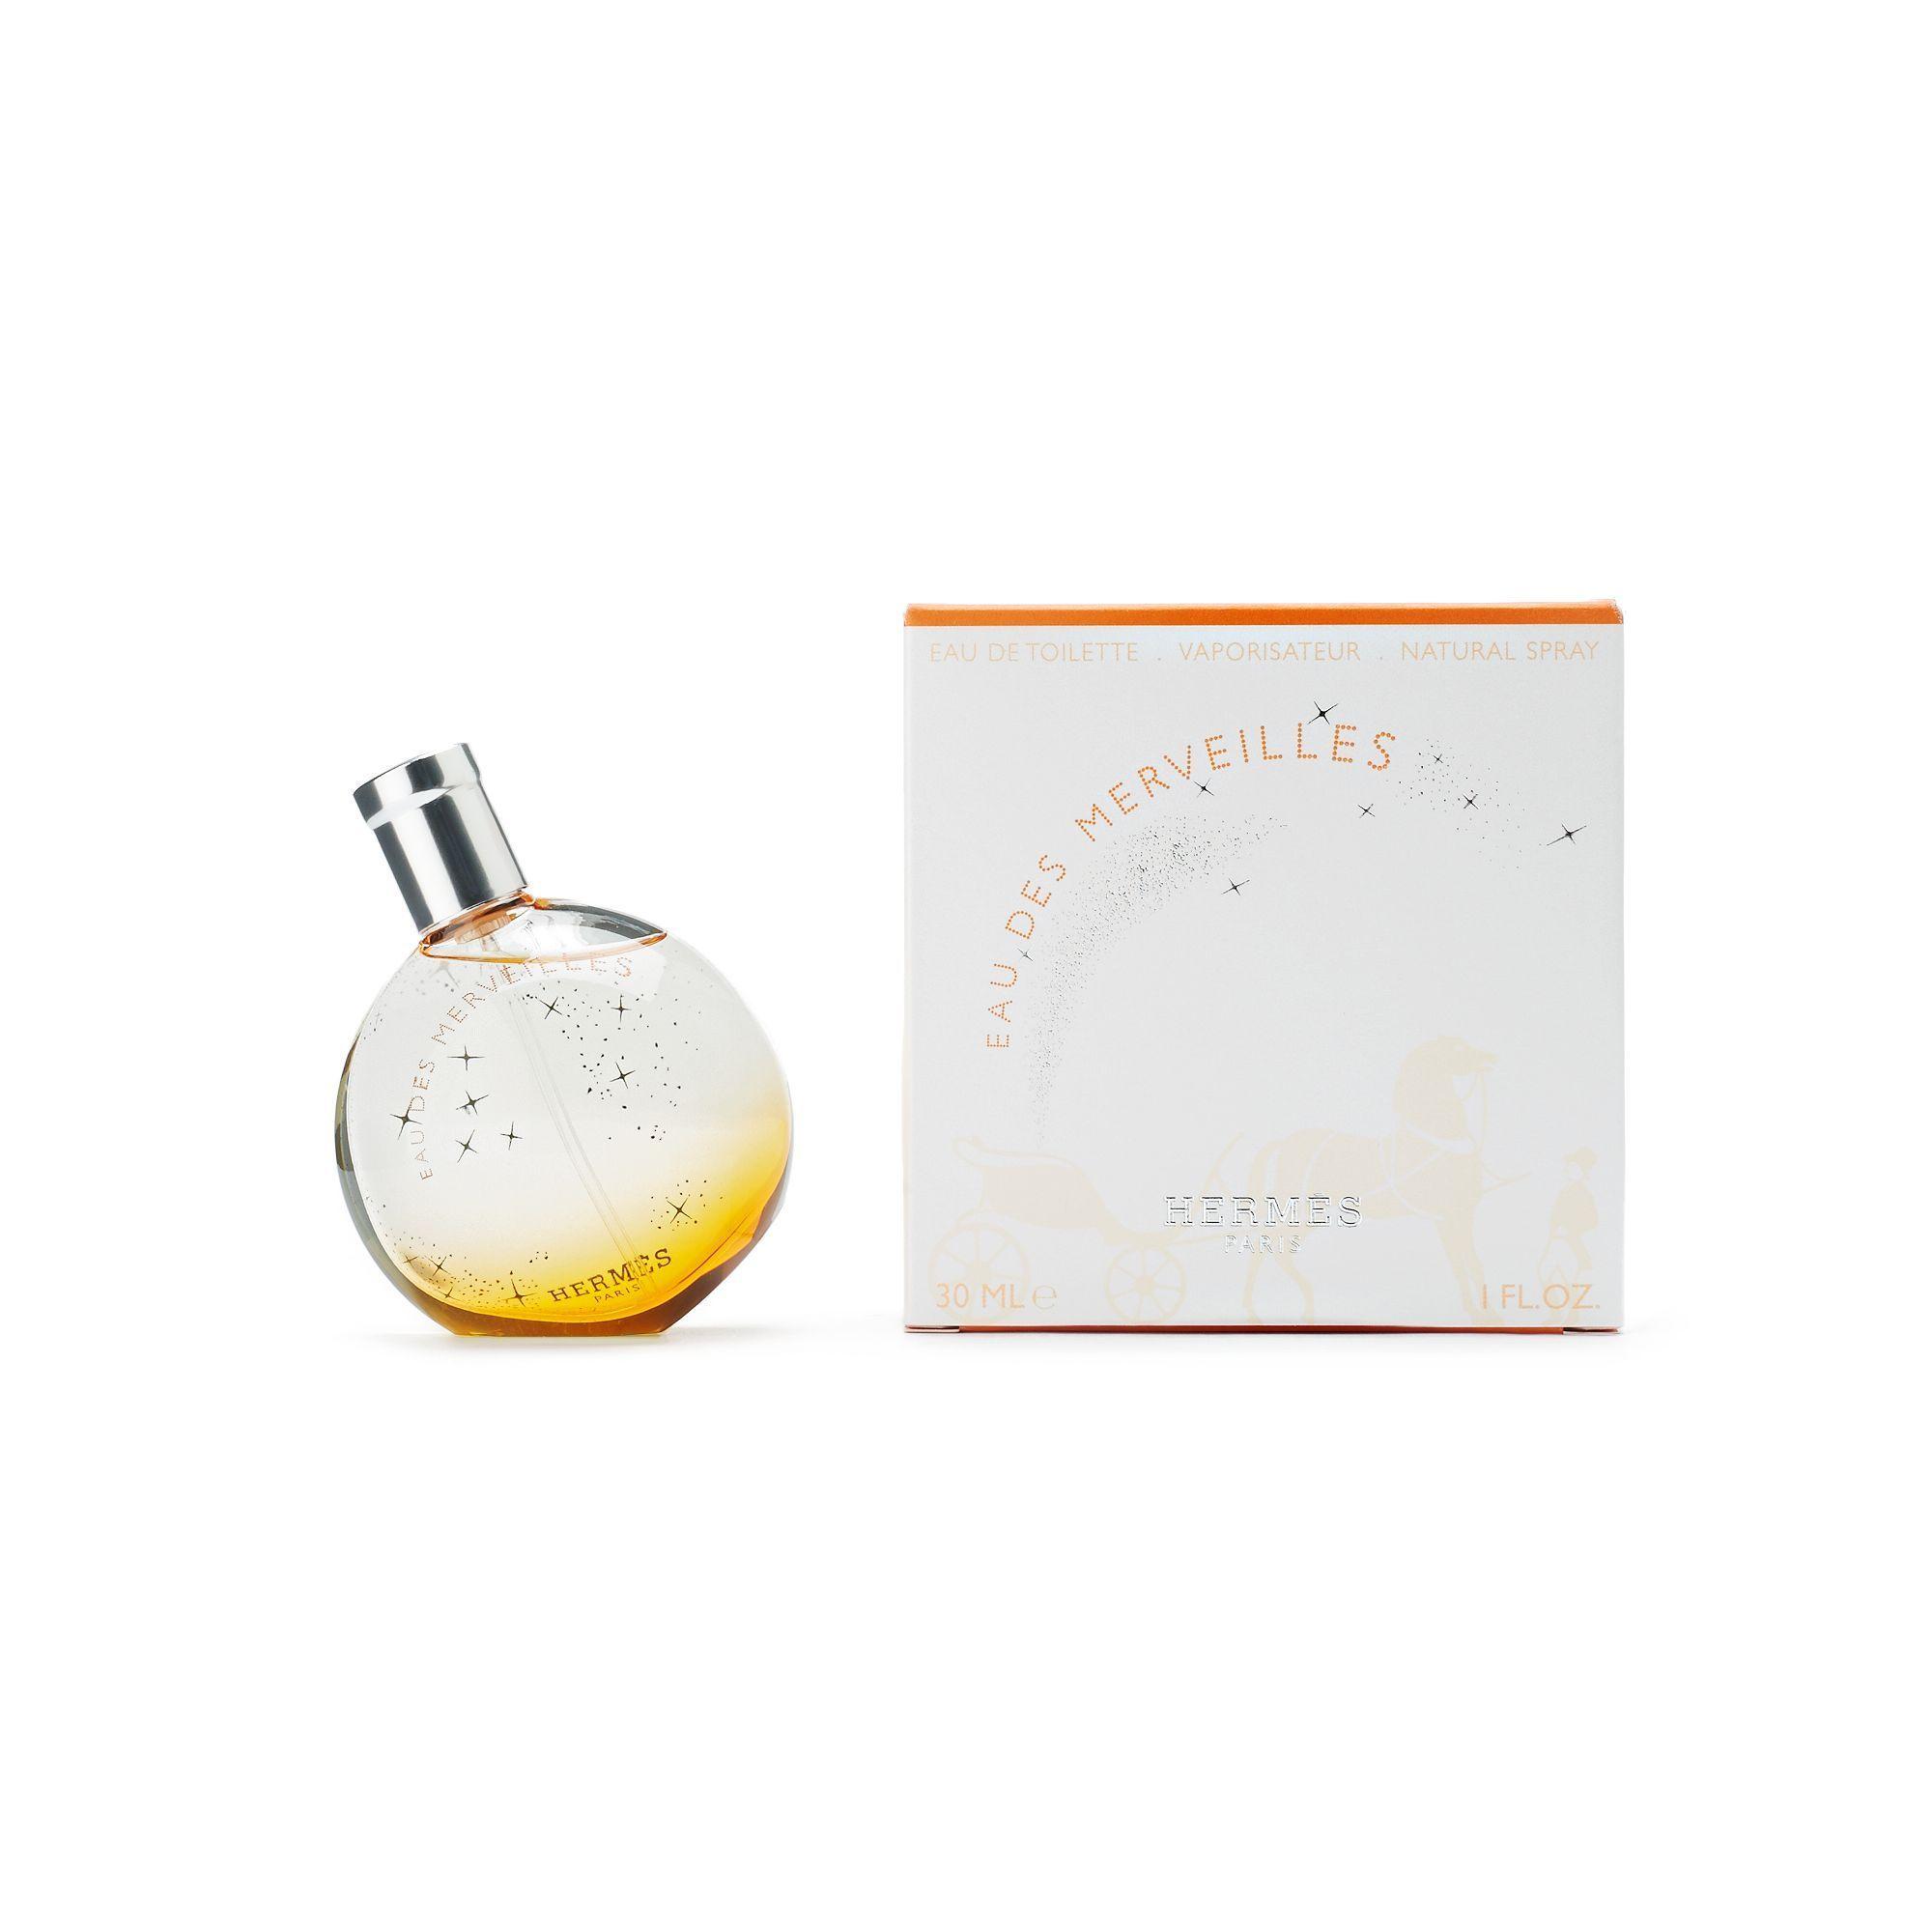 Hermes Eau Des Merveilles Womens Perfume Products Woman Edt 100 Ml